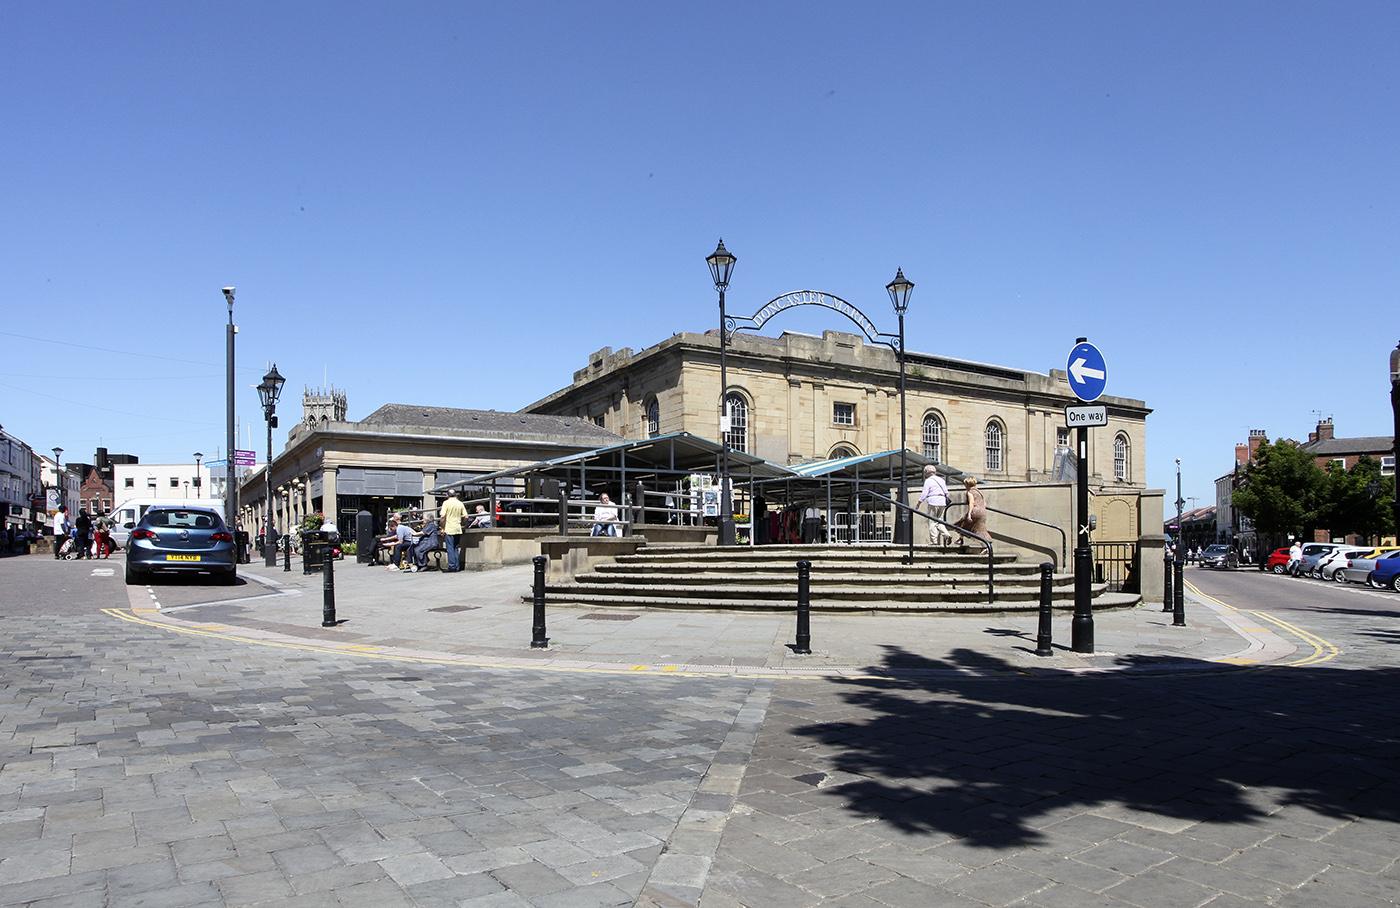 Doncaster Market Place